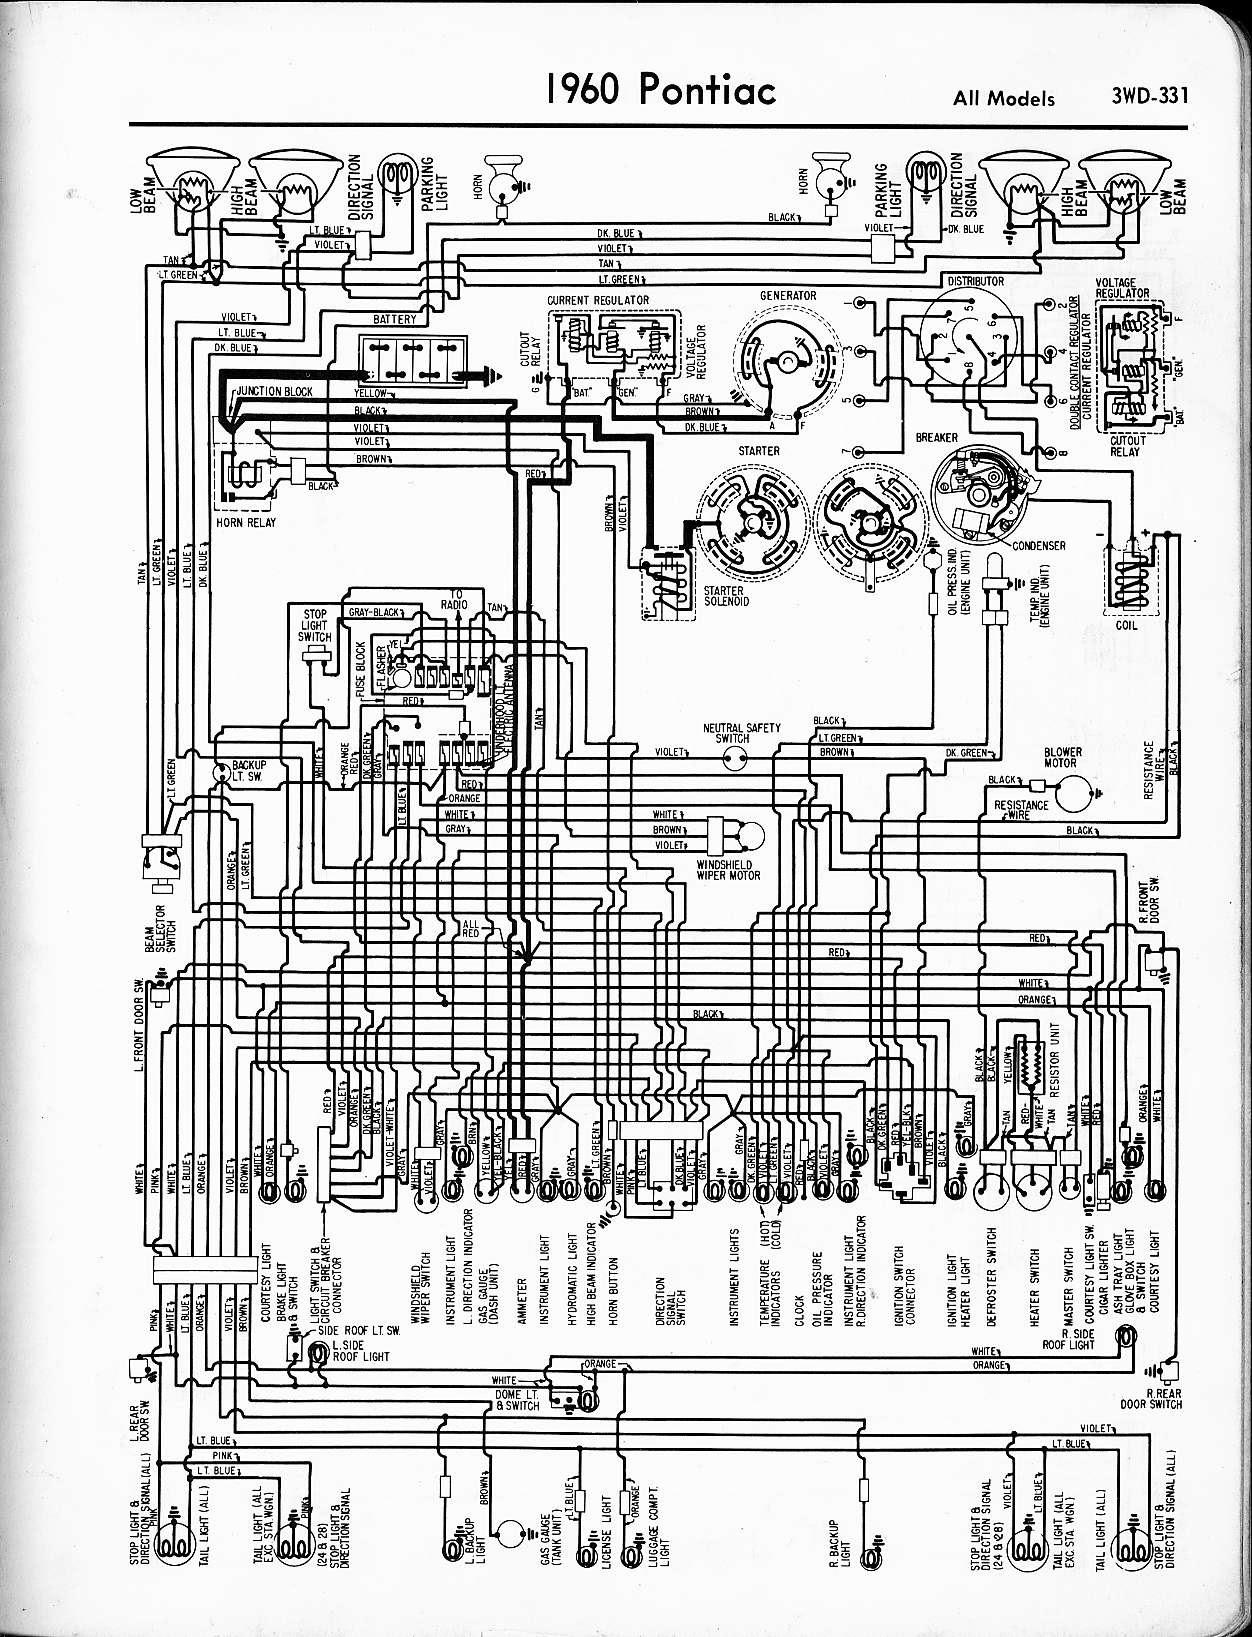 1958 Pontiac Chieftain Wiring Diagram Wiring Diagram Theory Theory Zaafran It